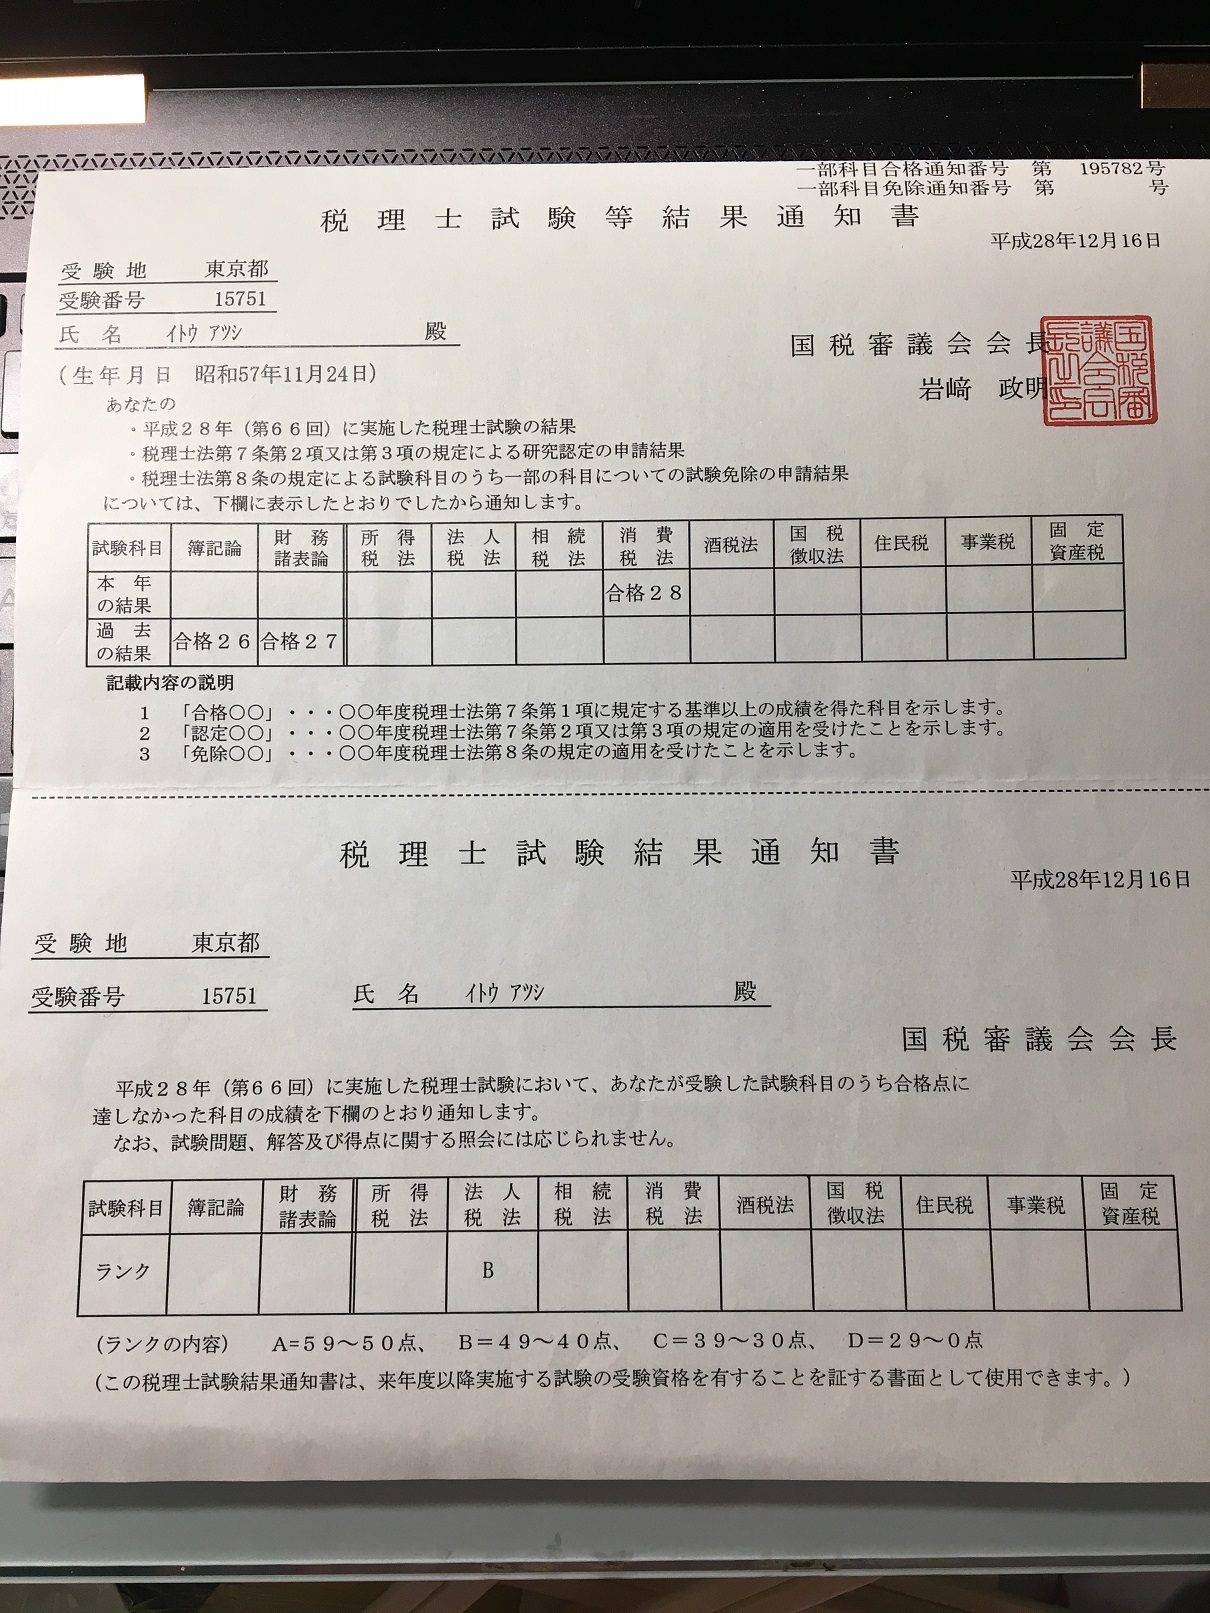 会場 税理士 試験